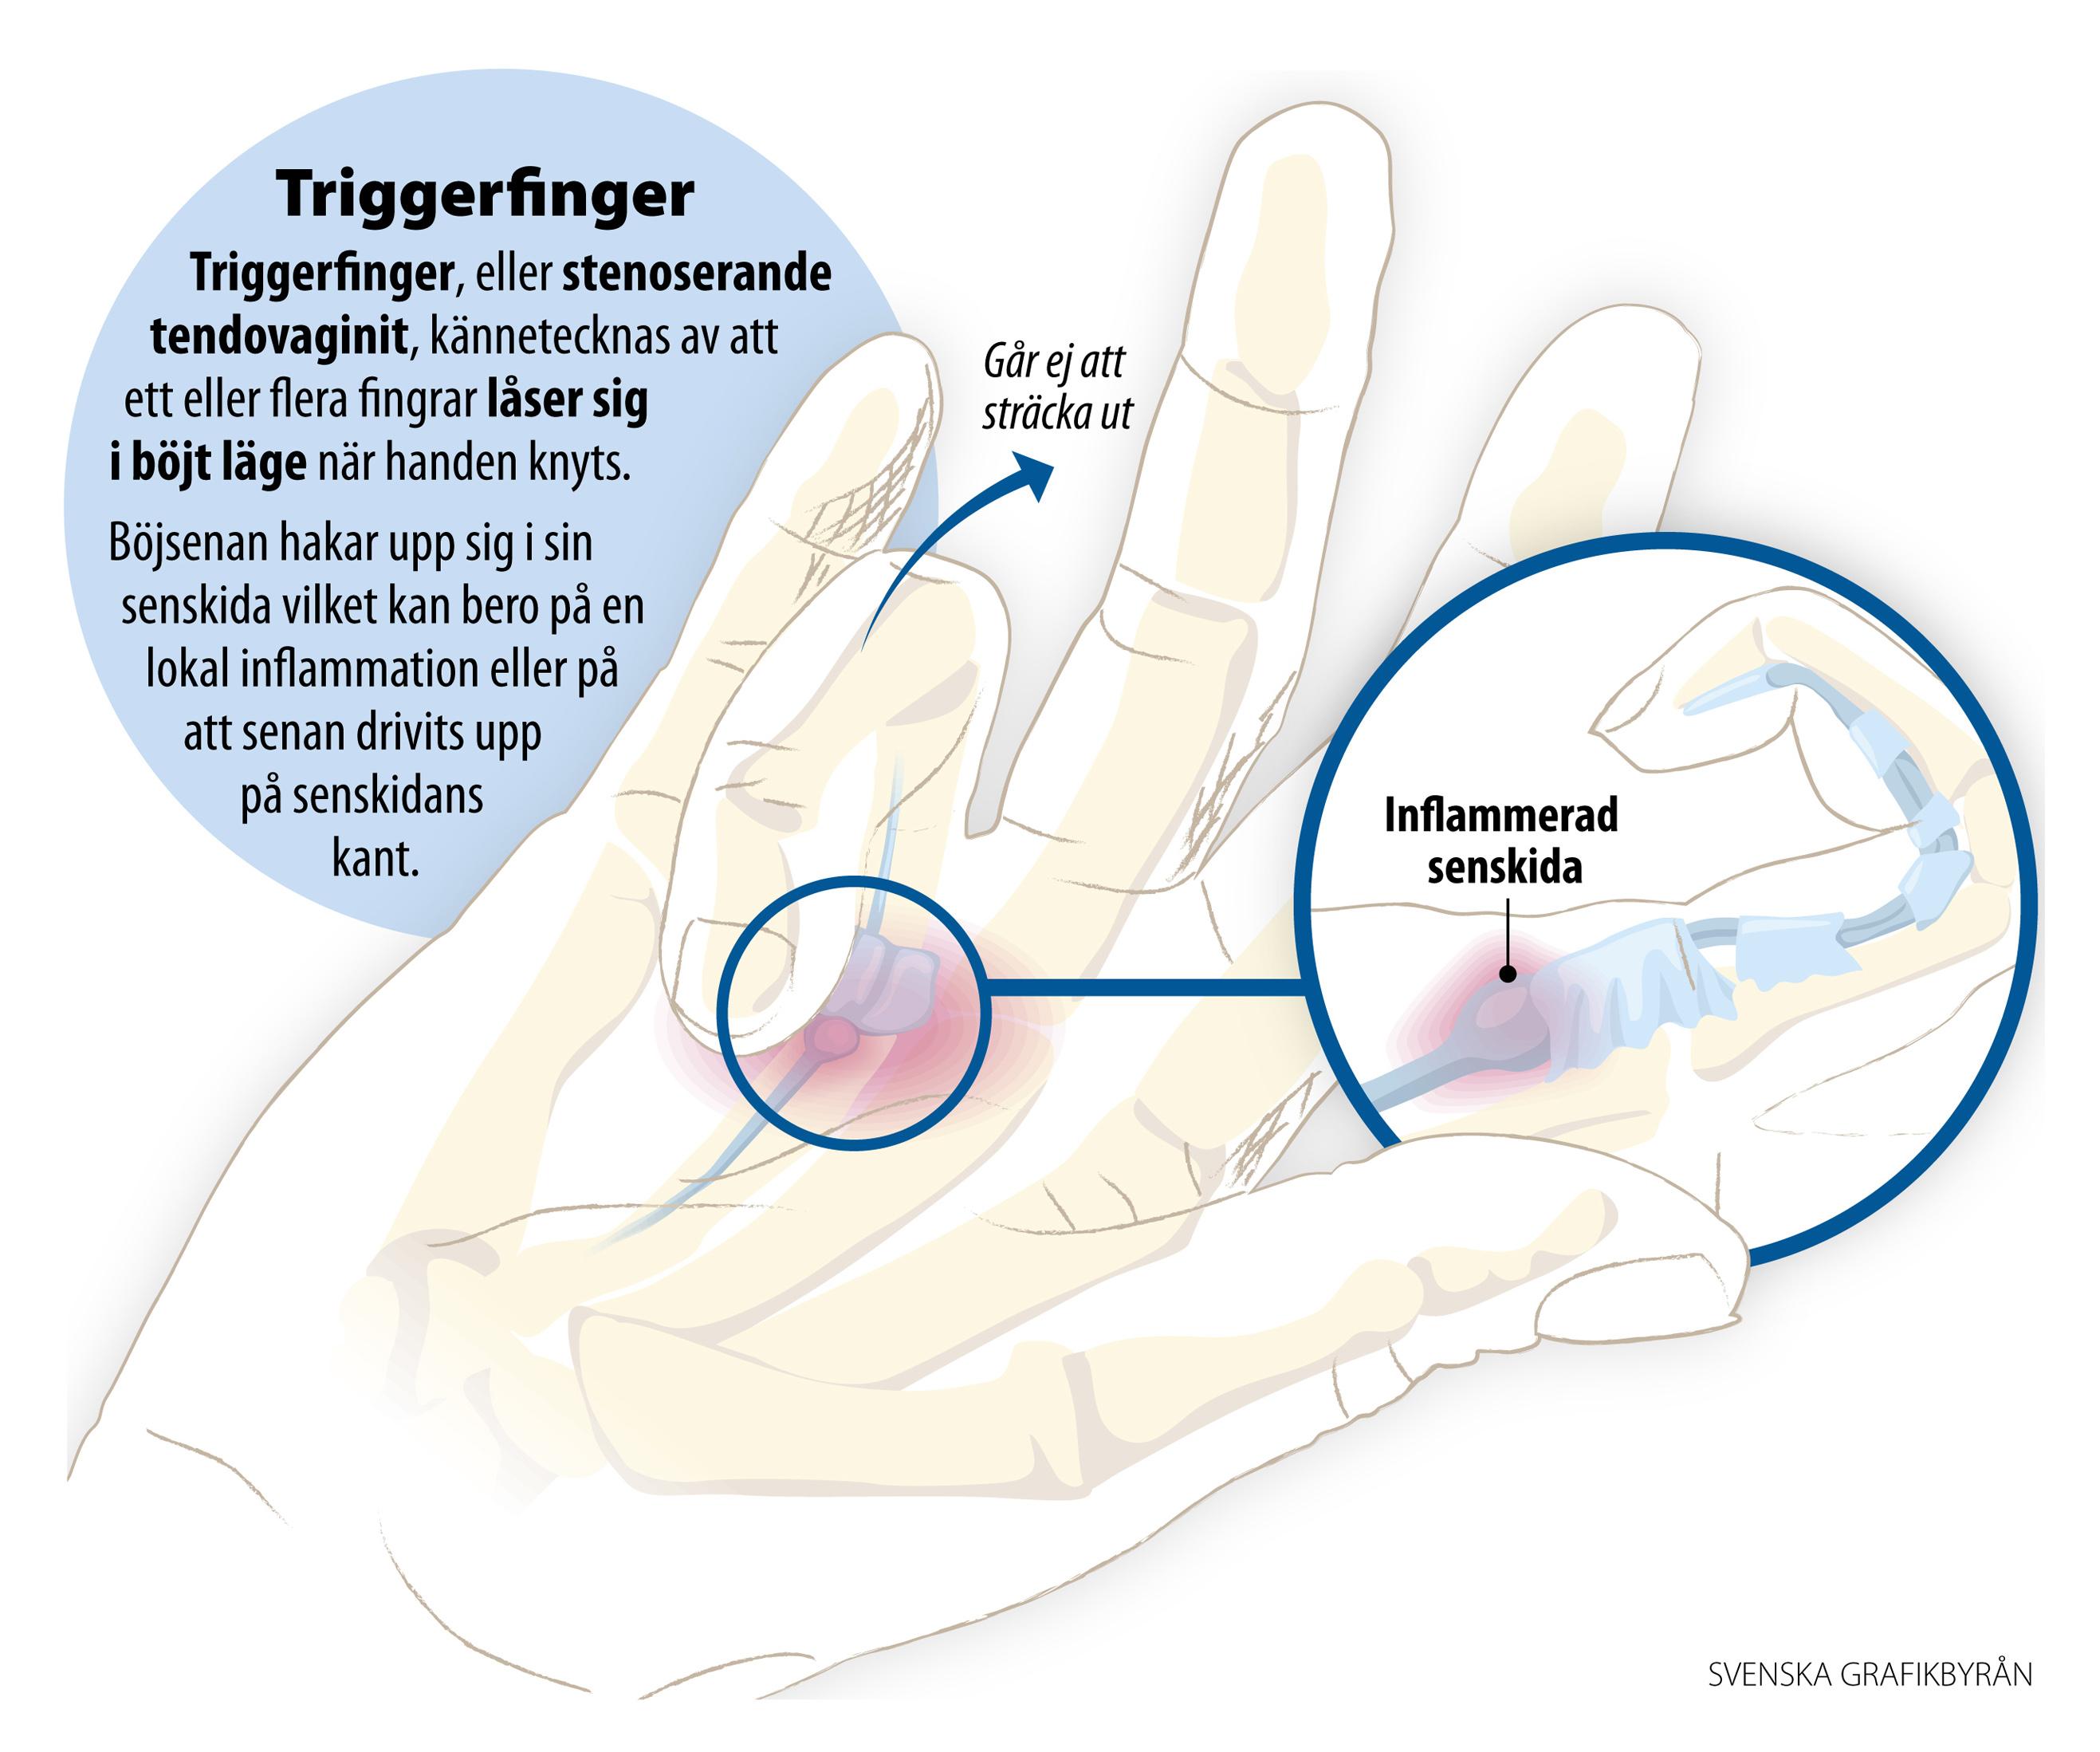 triggerfinger behandling